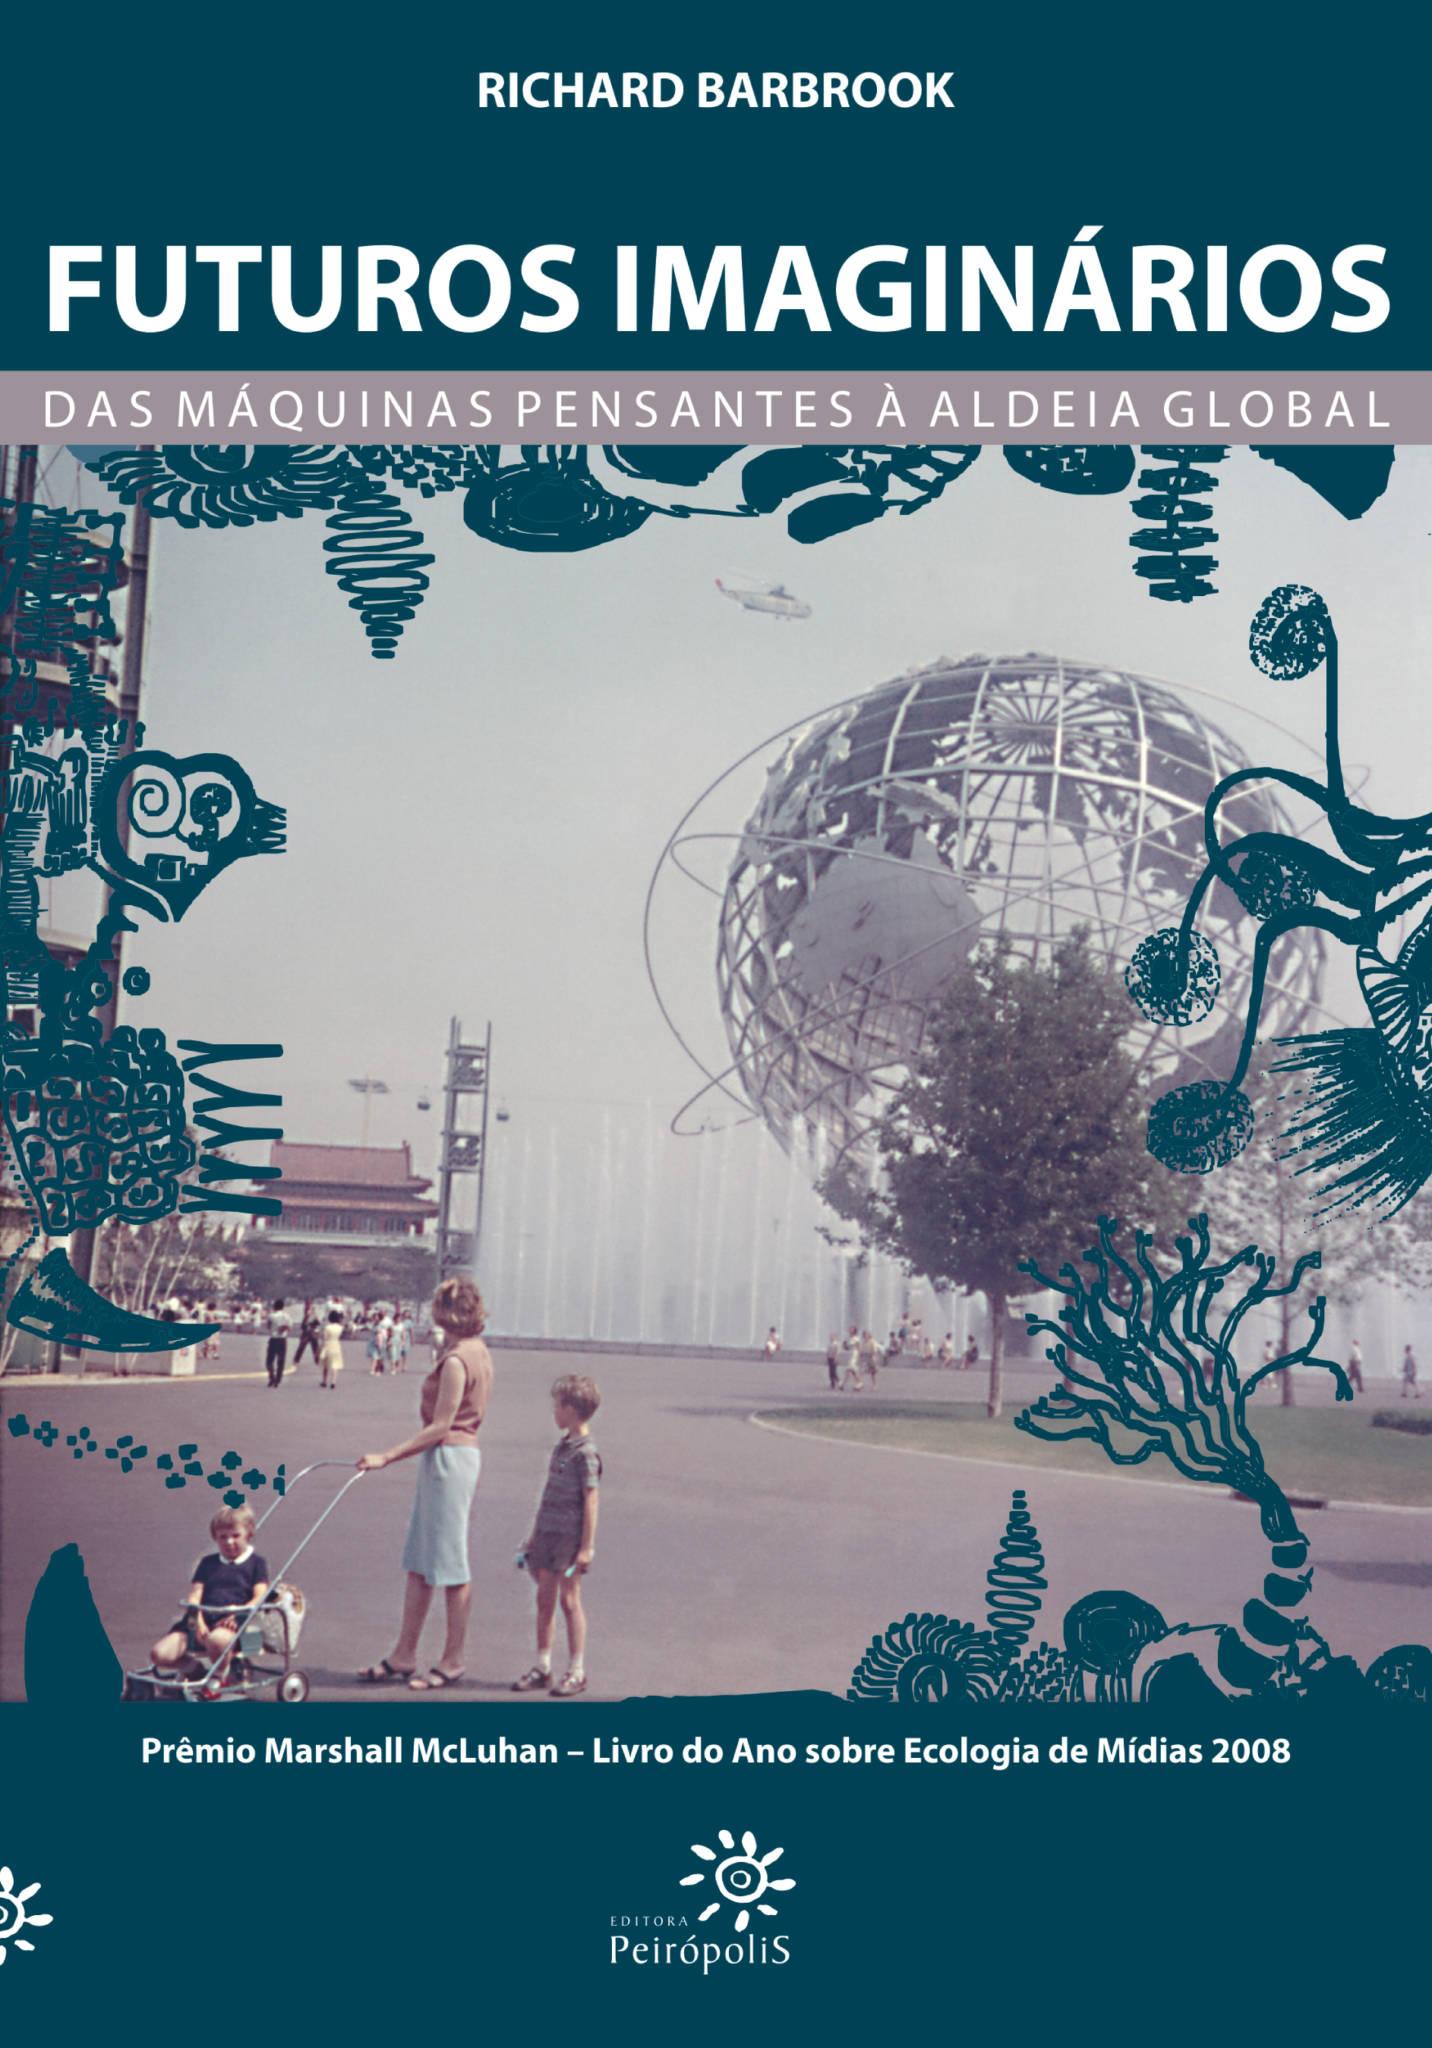 Imaginary Futures